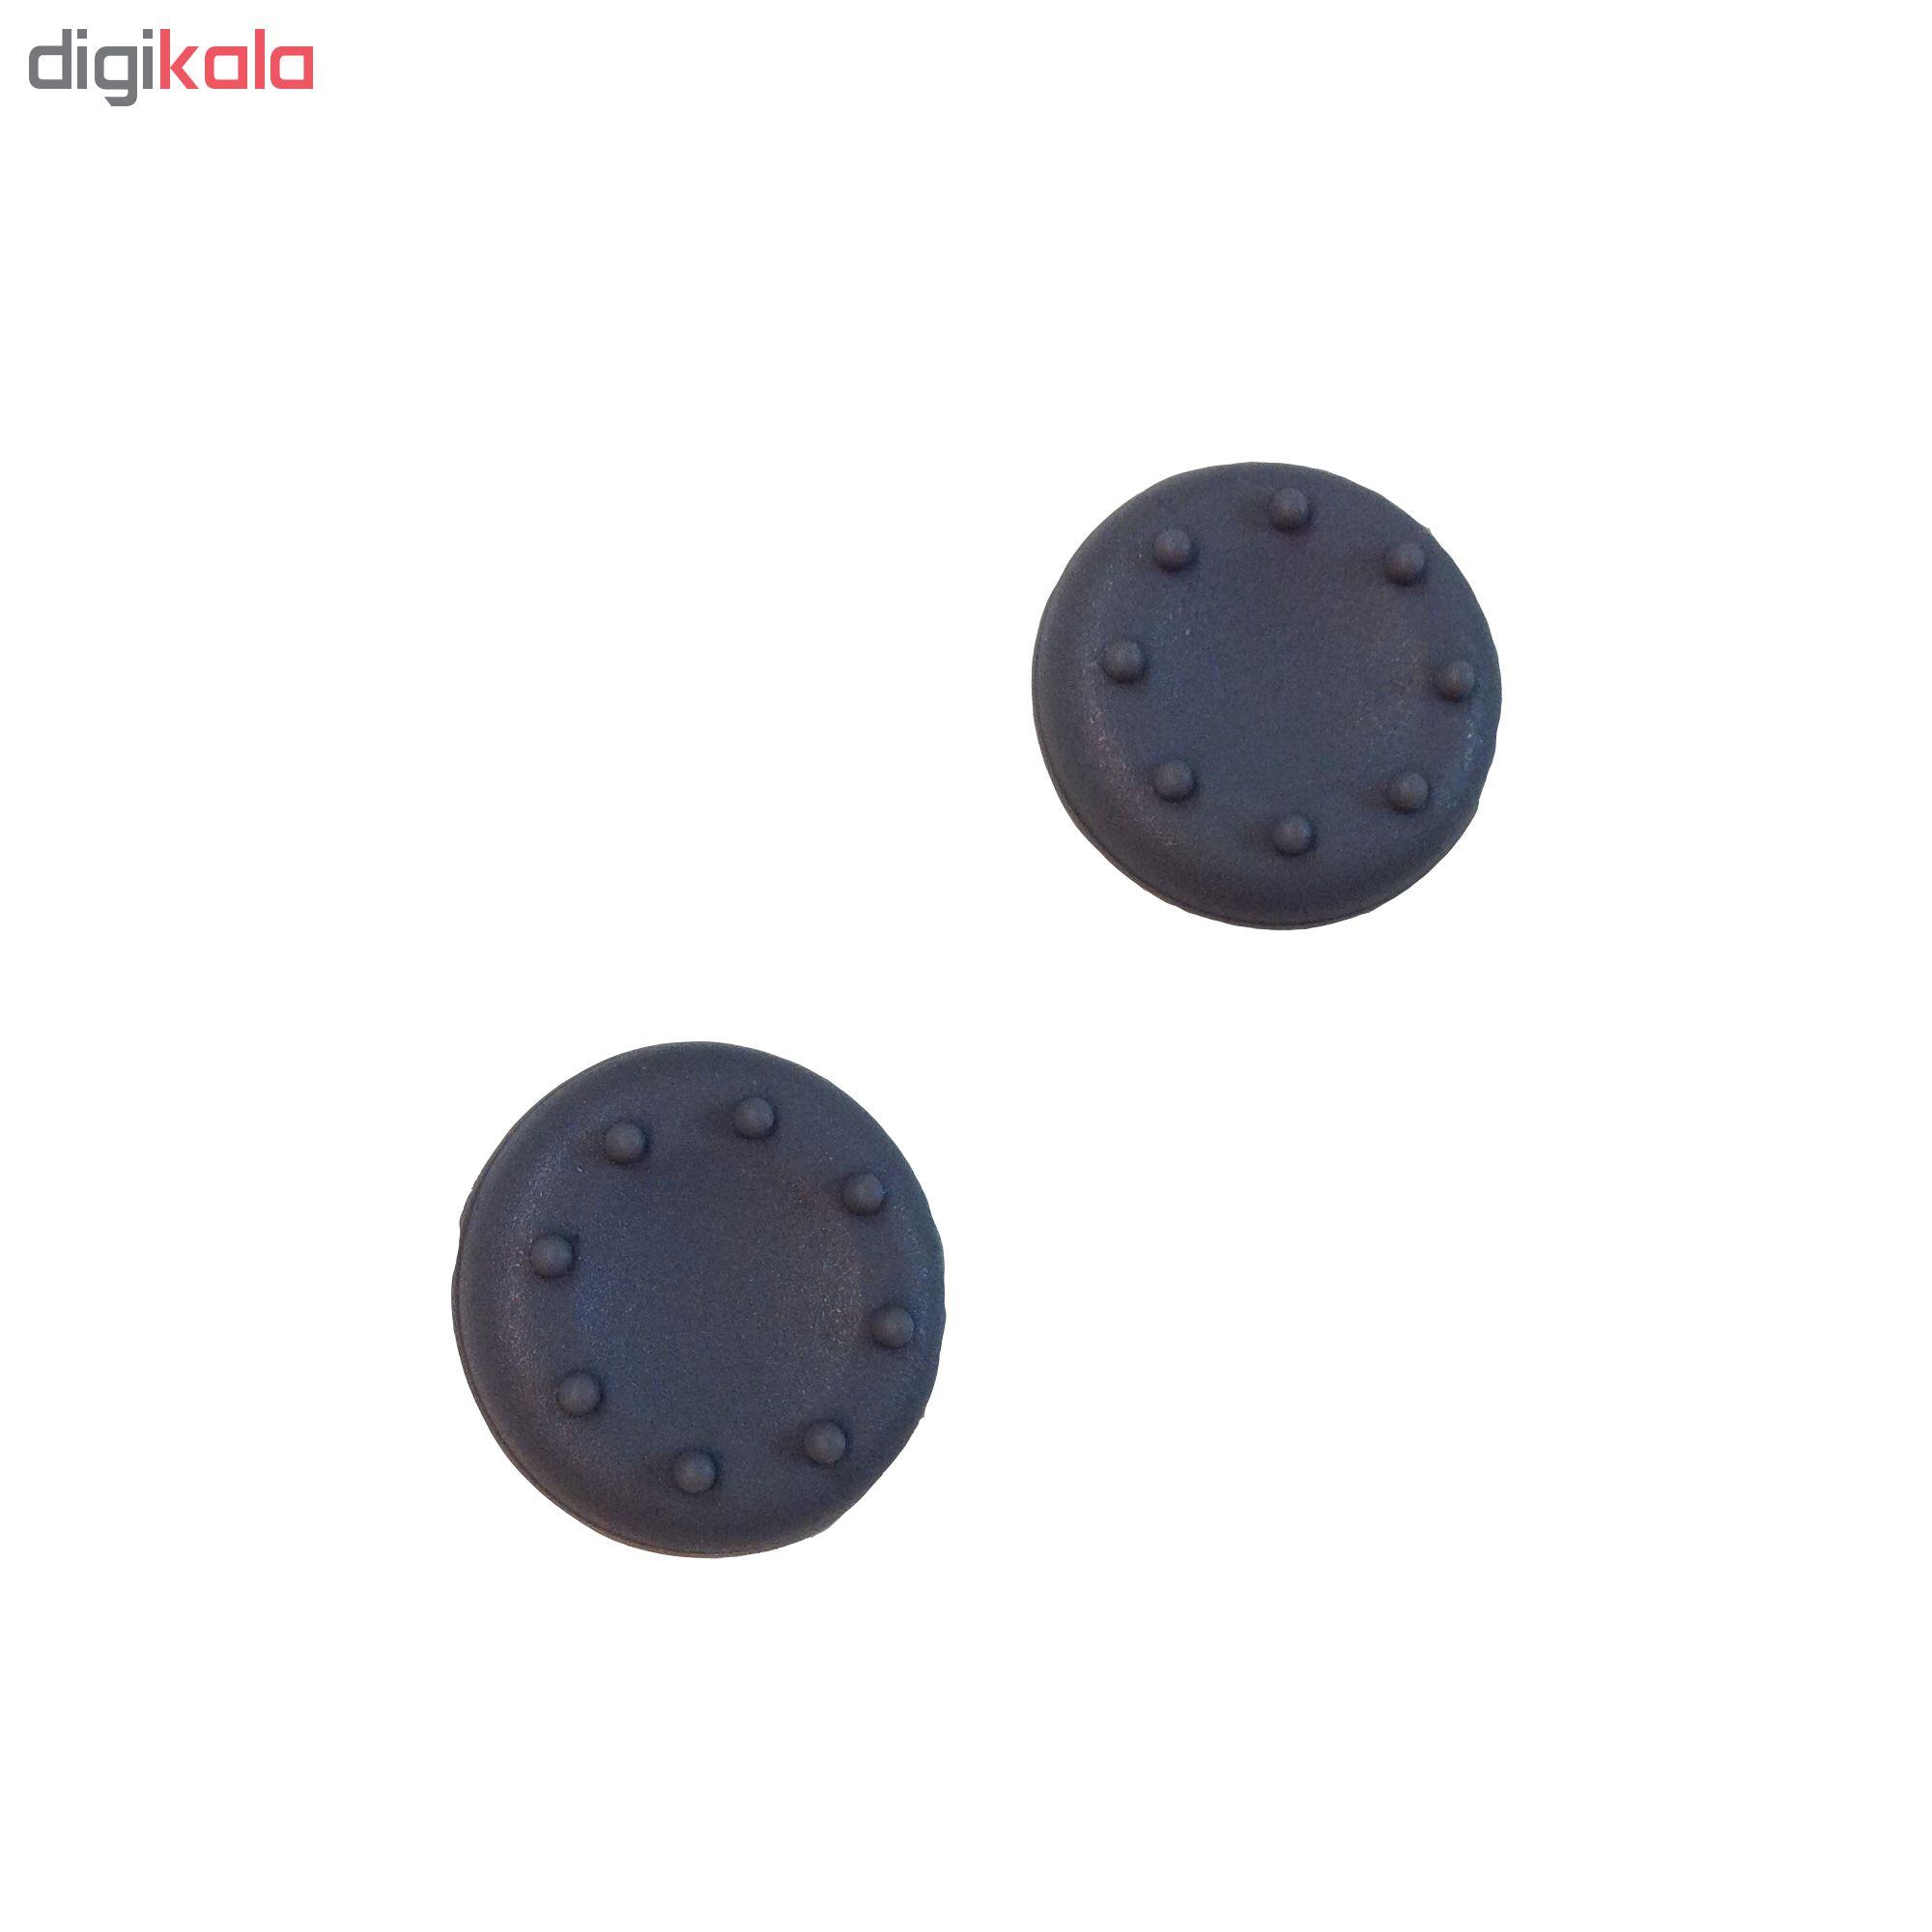 خرید اینترنتی محافظ دسته پلی استیشن 4 مدل manchester با قیمت مناسب